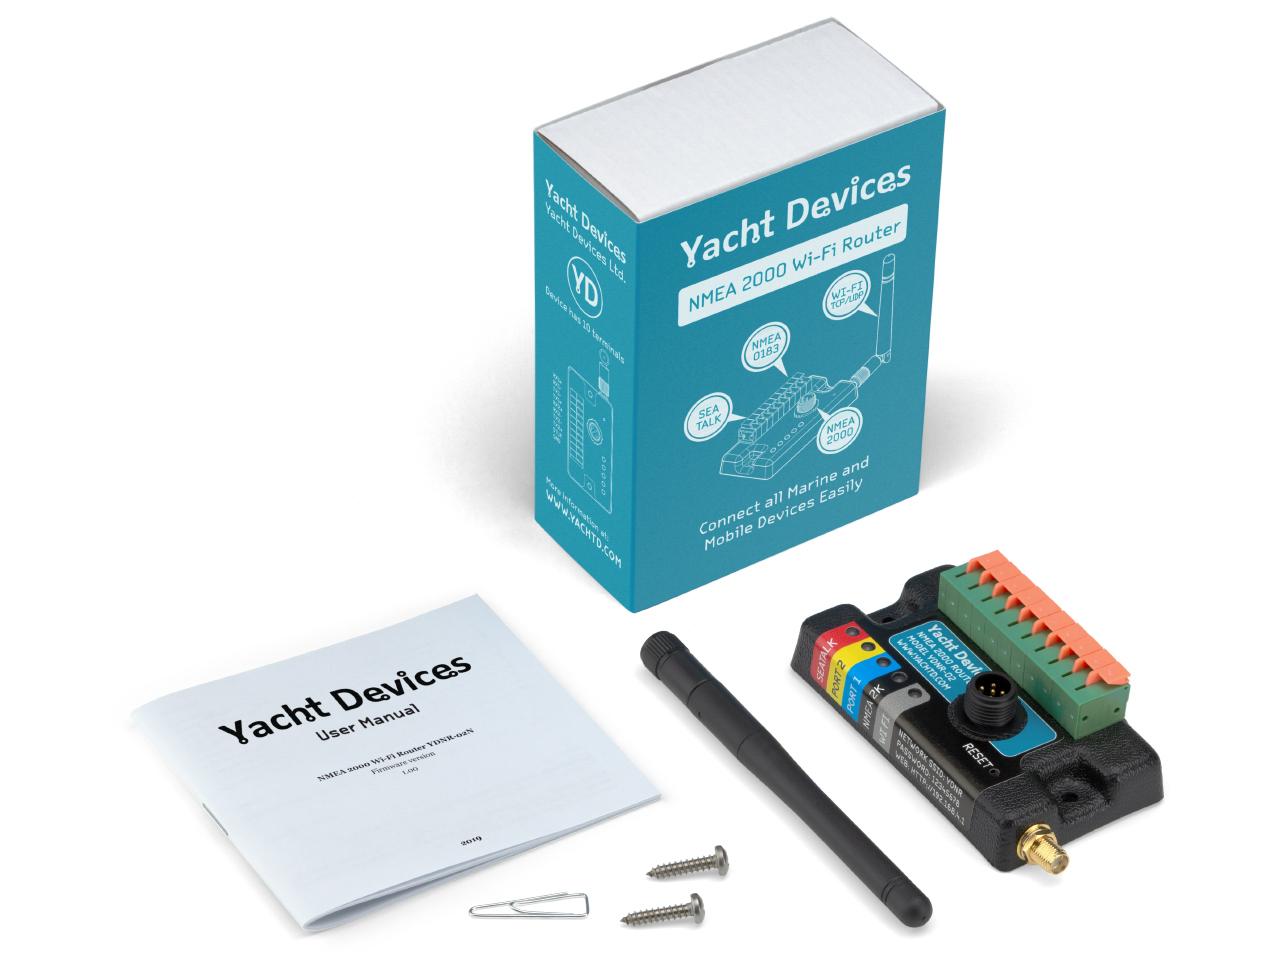 YDNR NMEA2000 NMEA0183 Wifi Router